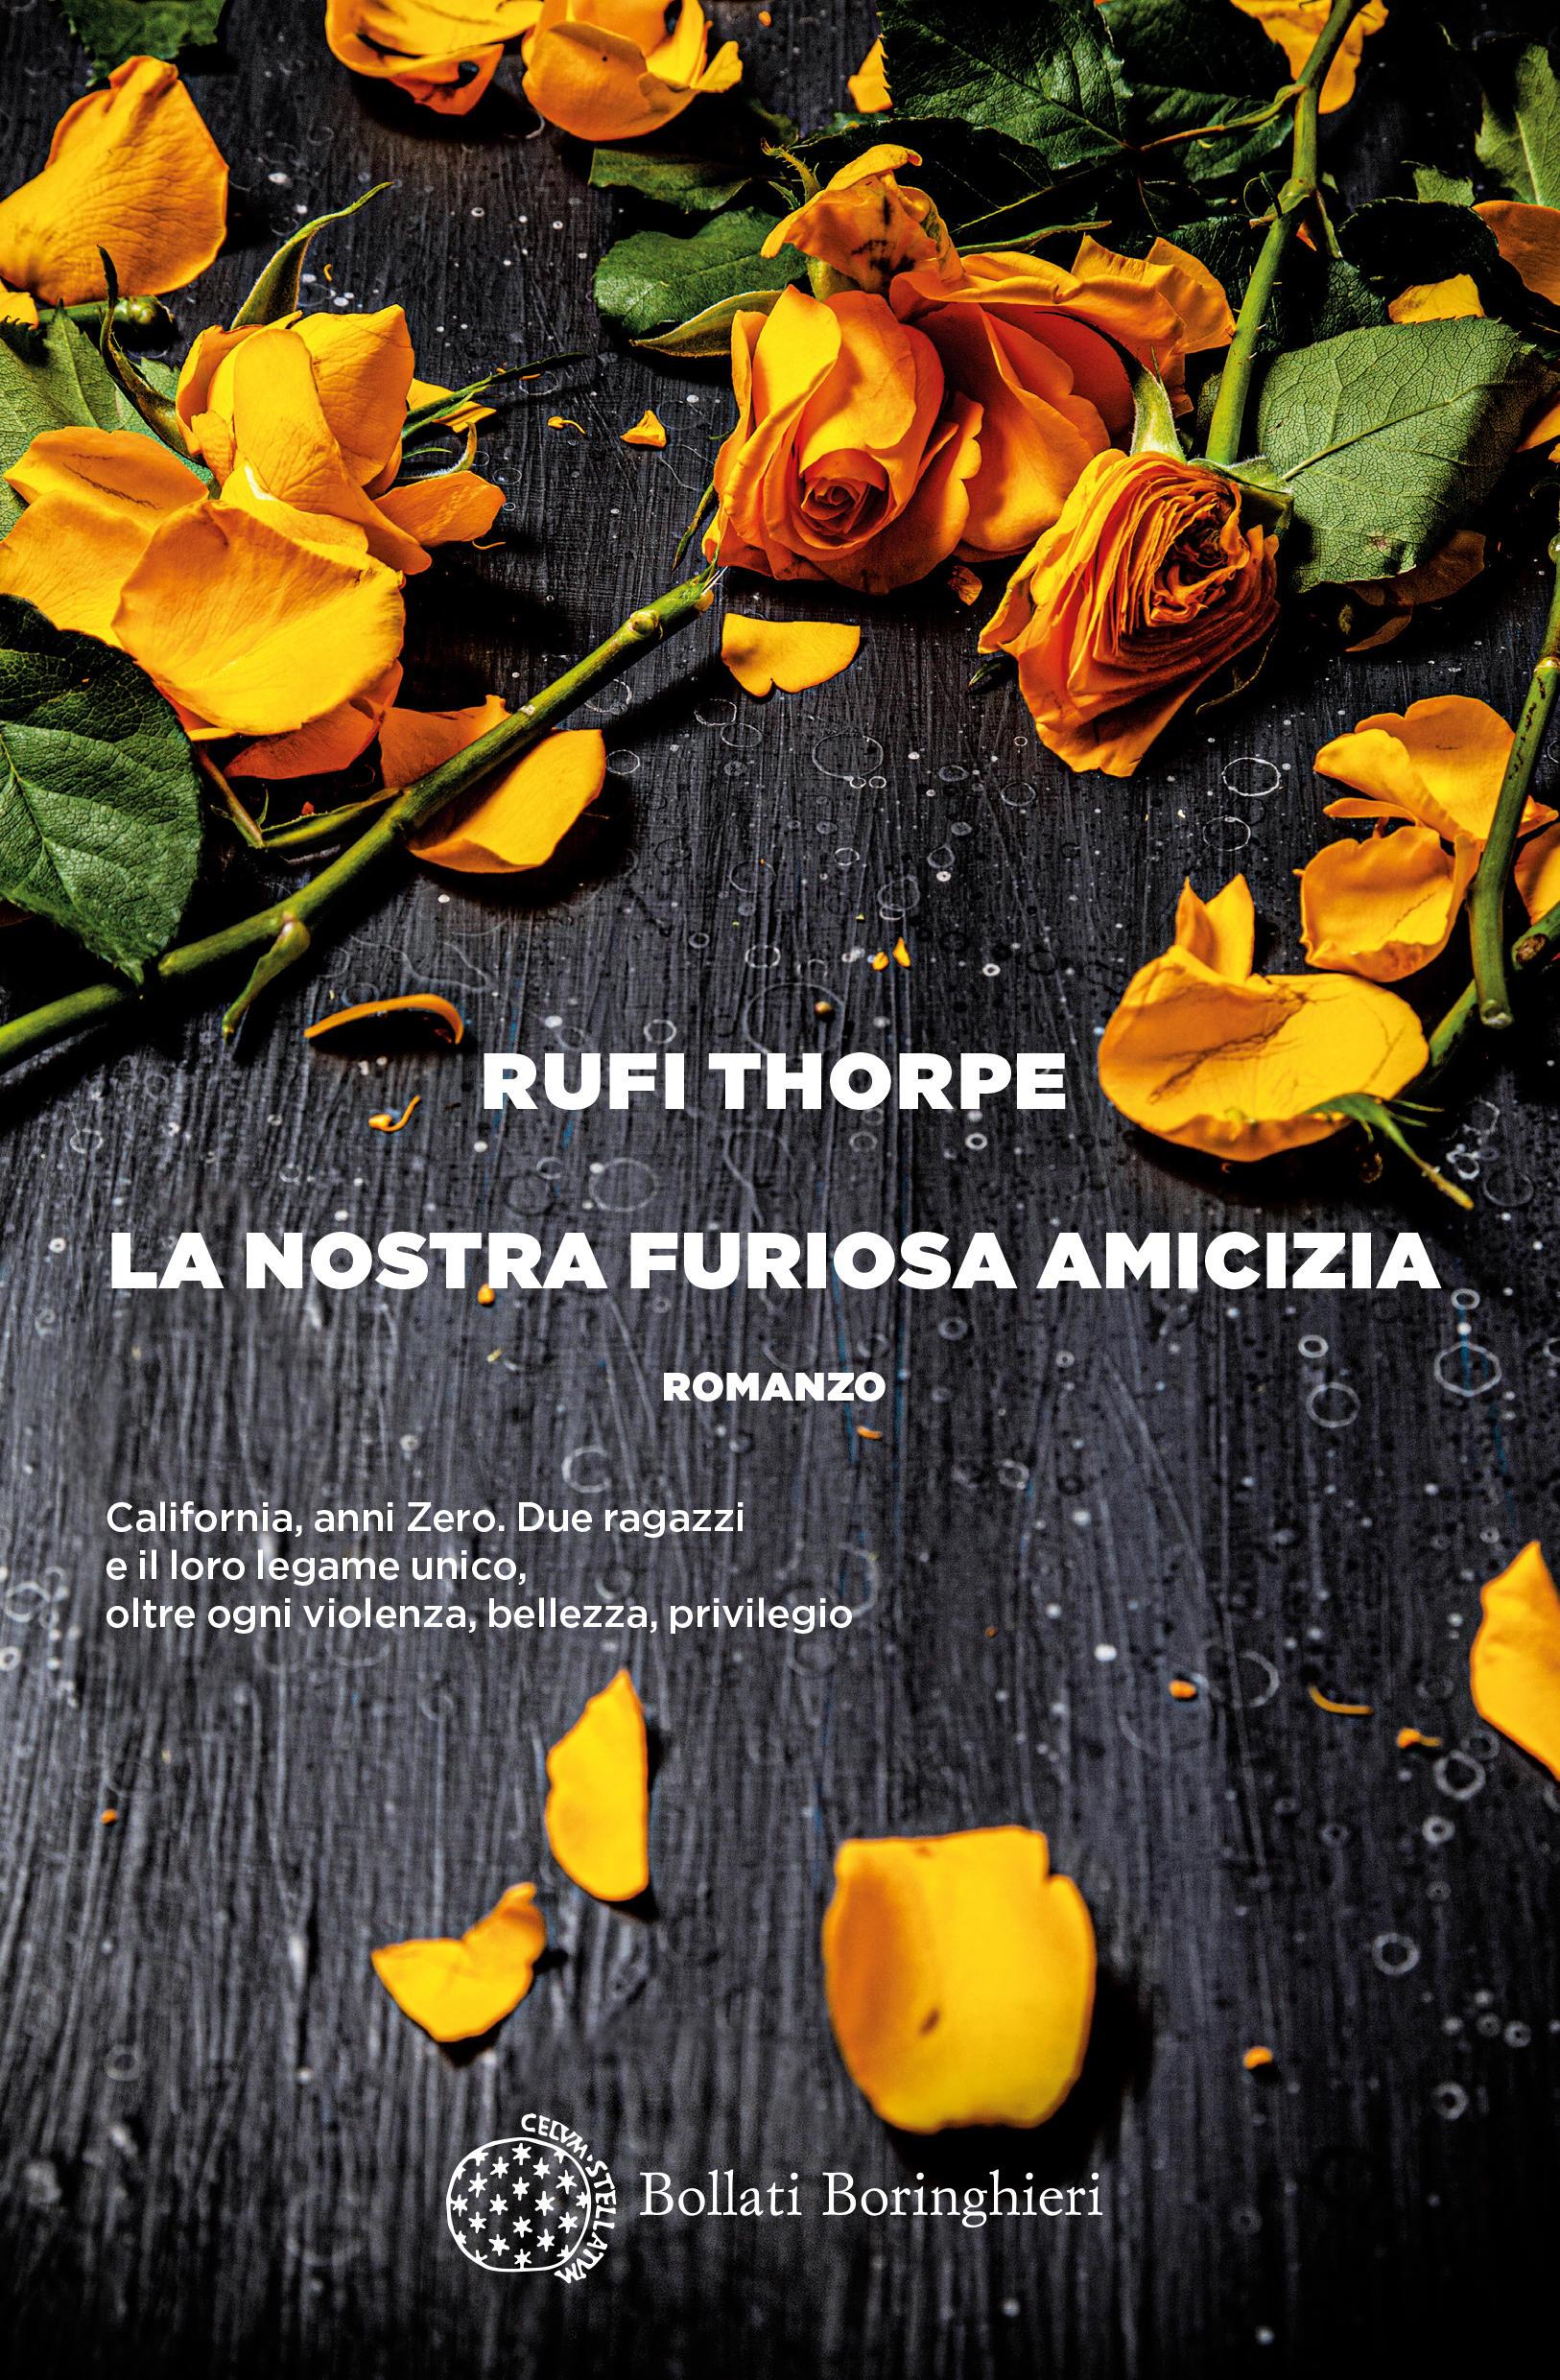 La nostra furiosa amicizia di Rufi Thorpe, Traduzione di Claudia Durastanti Bollati Boringhieri